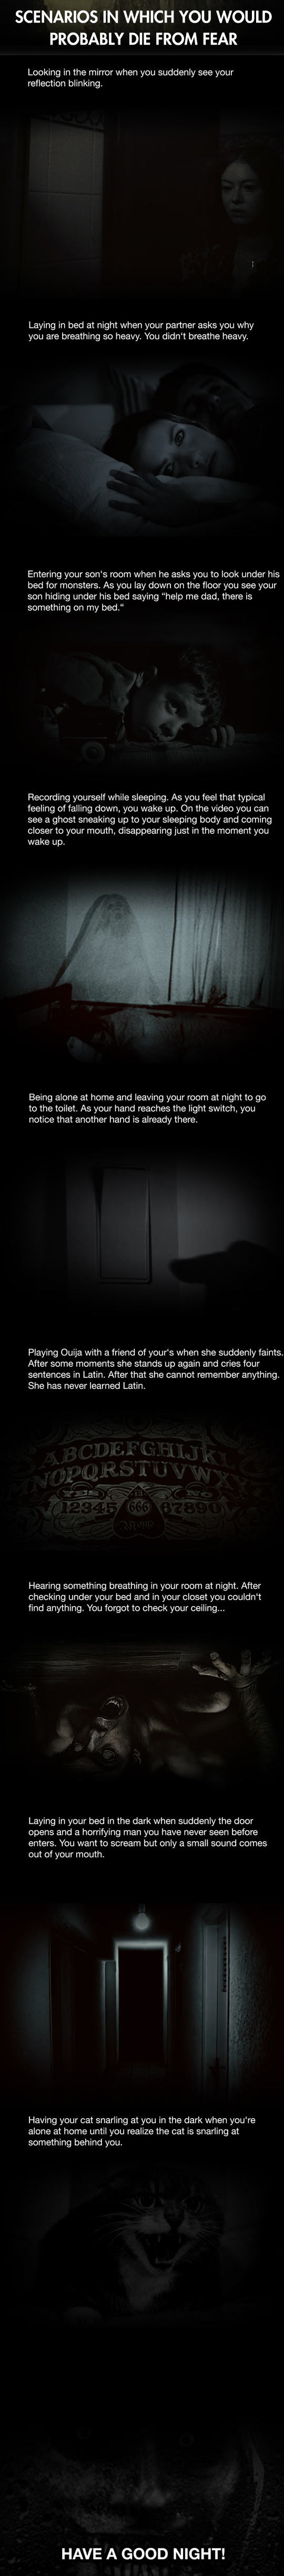 cool-scary-scenarios-bed-mirror-fear-lights-shadow